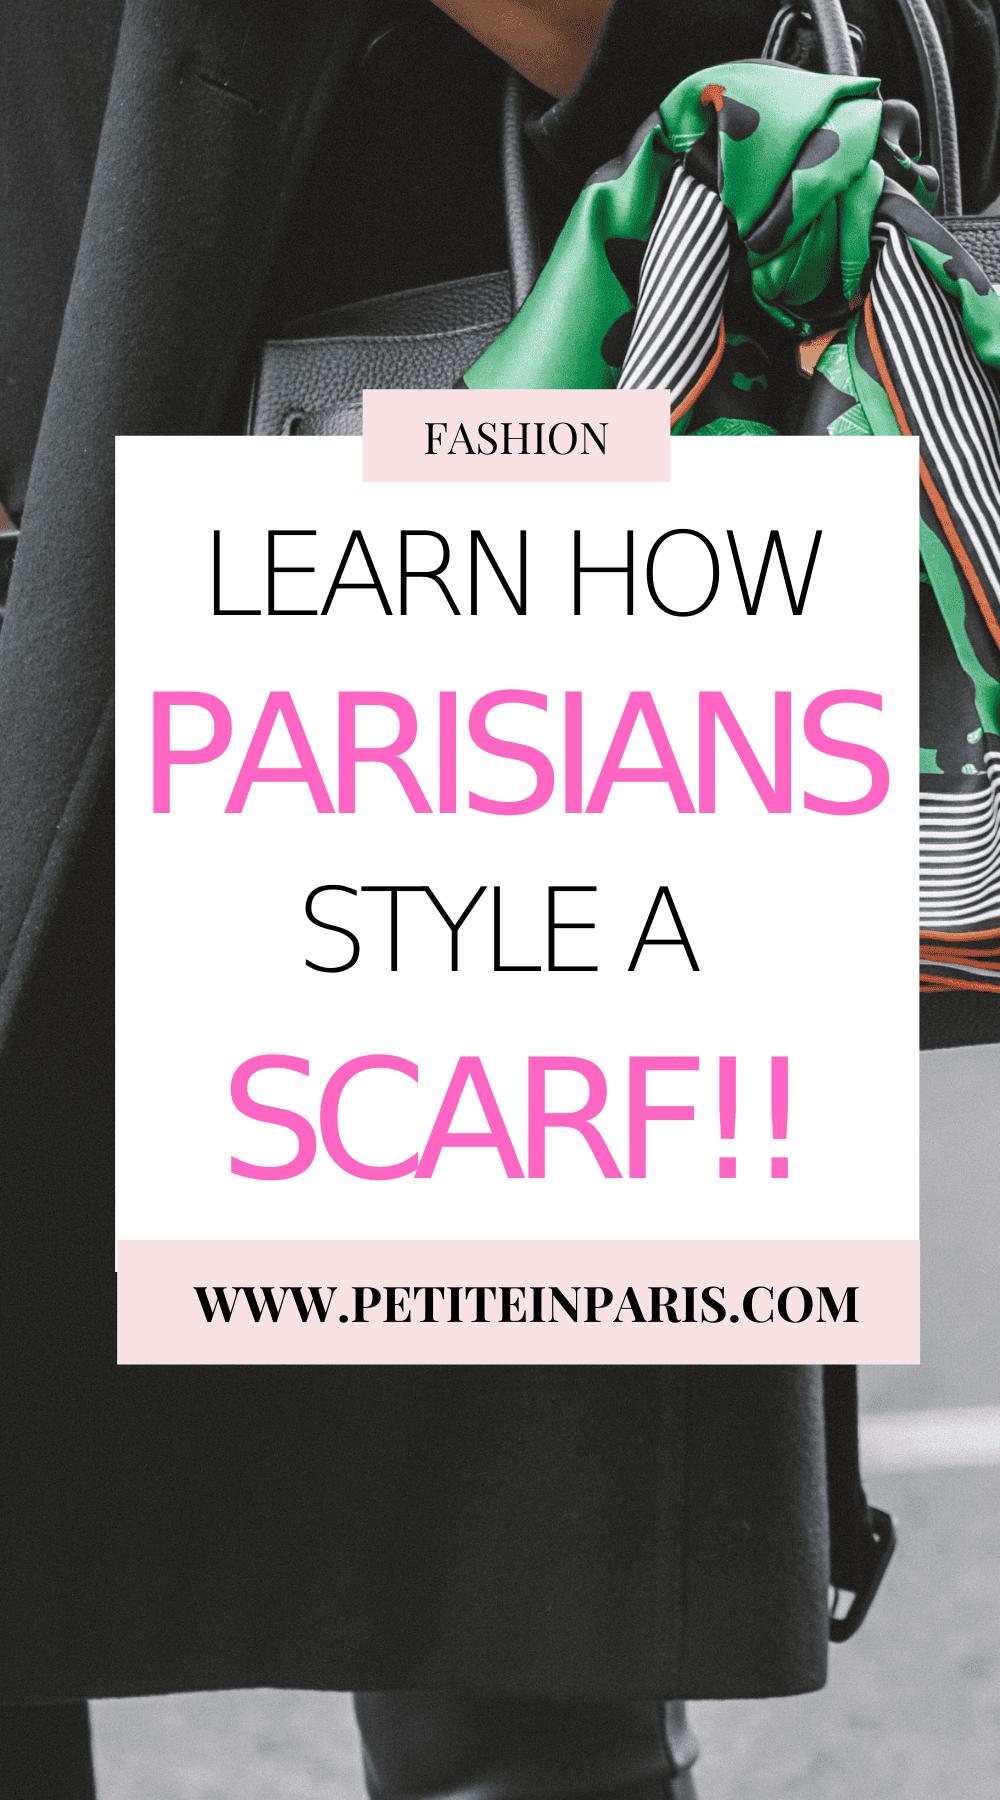 Learn how Parisians style a scarf